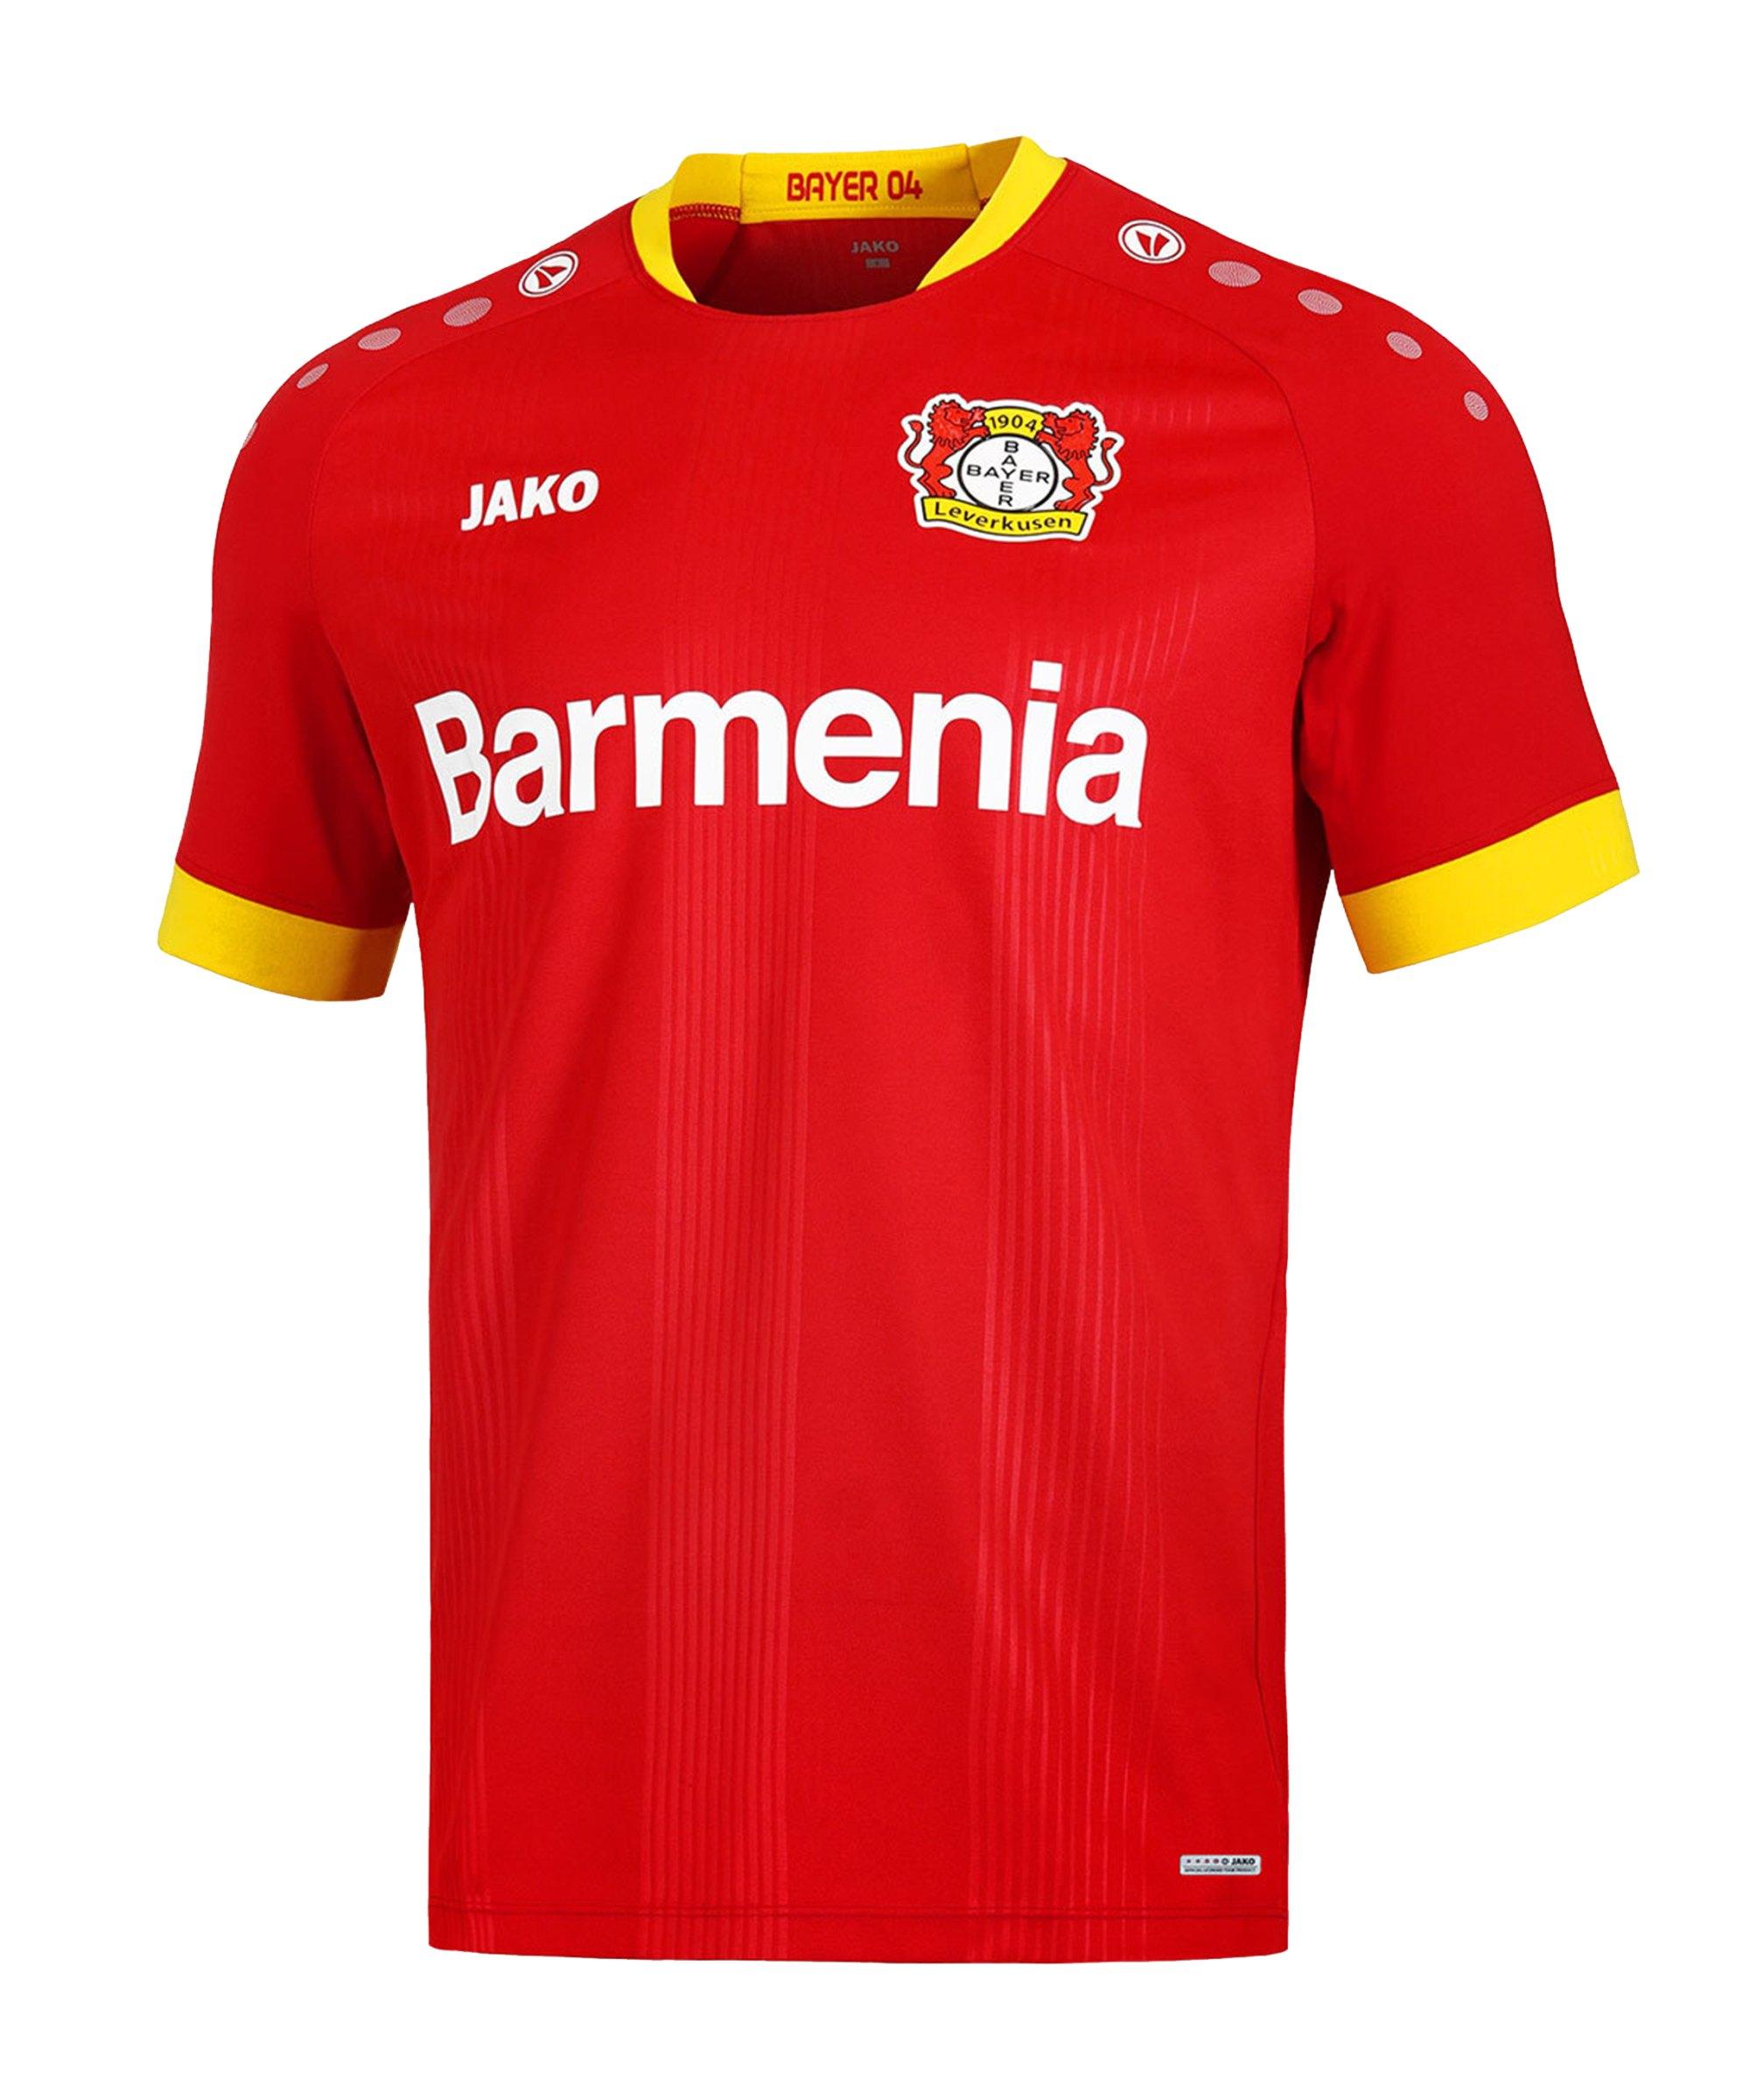 JAKO Bayer 04 Leverkusen Trikot Away 2020/2021 Kids Rot F01 - rot